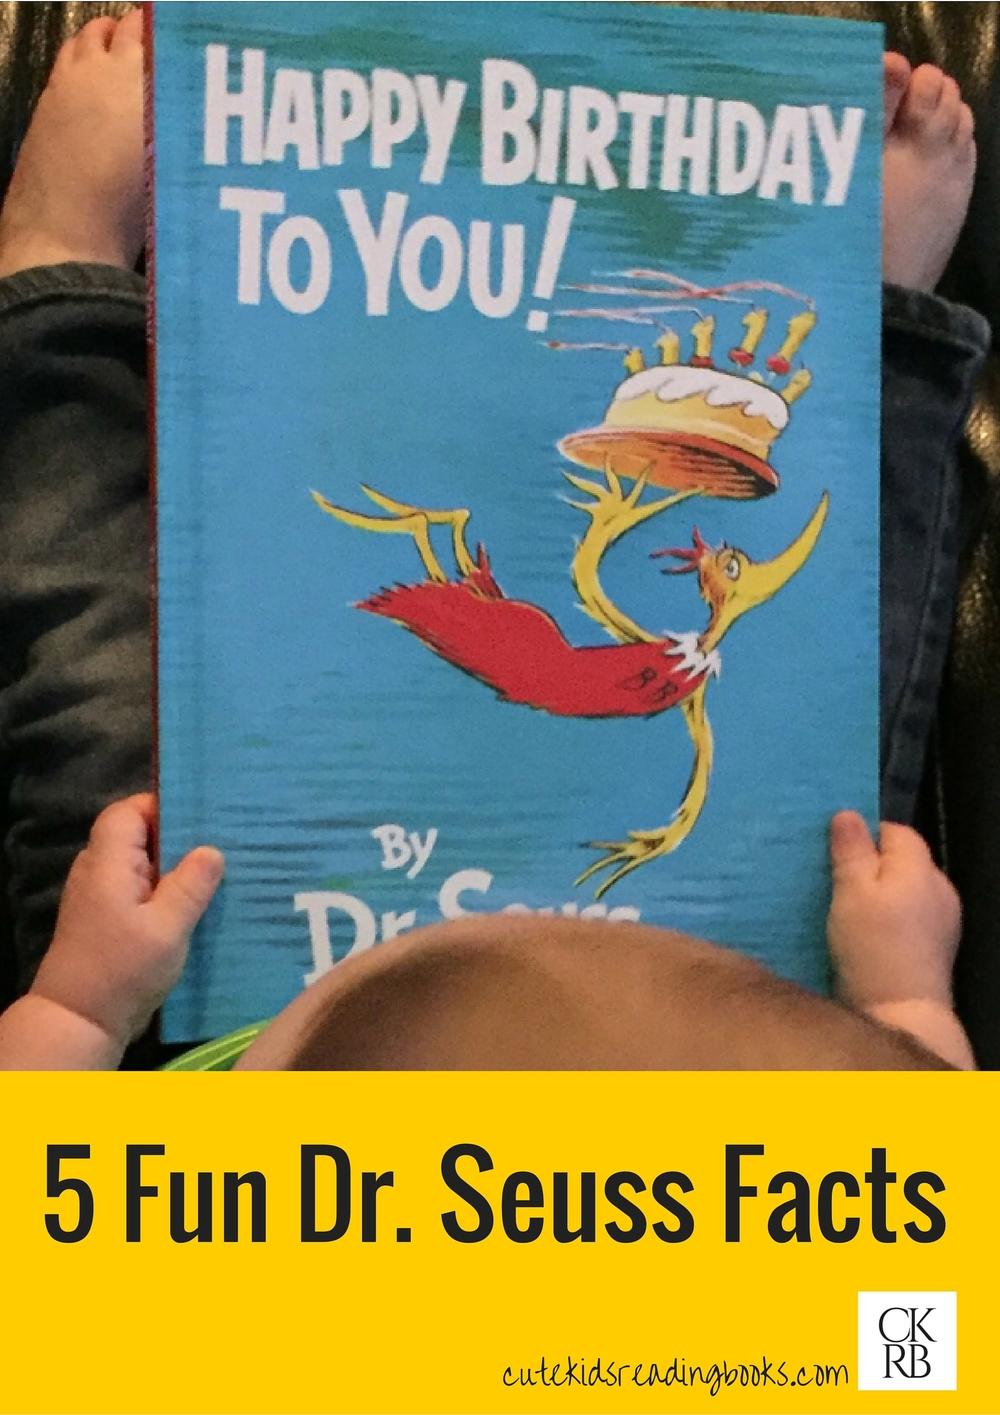 5 Fun Dr. Seuss Facts.jpg